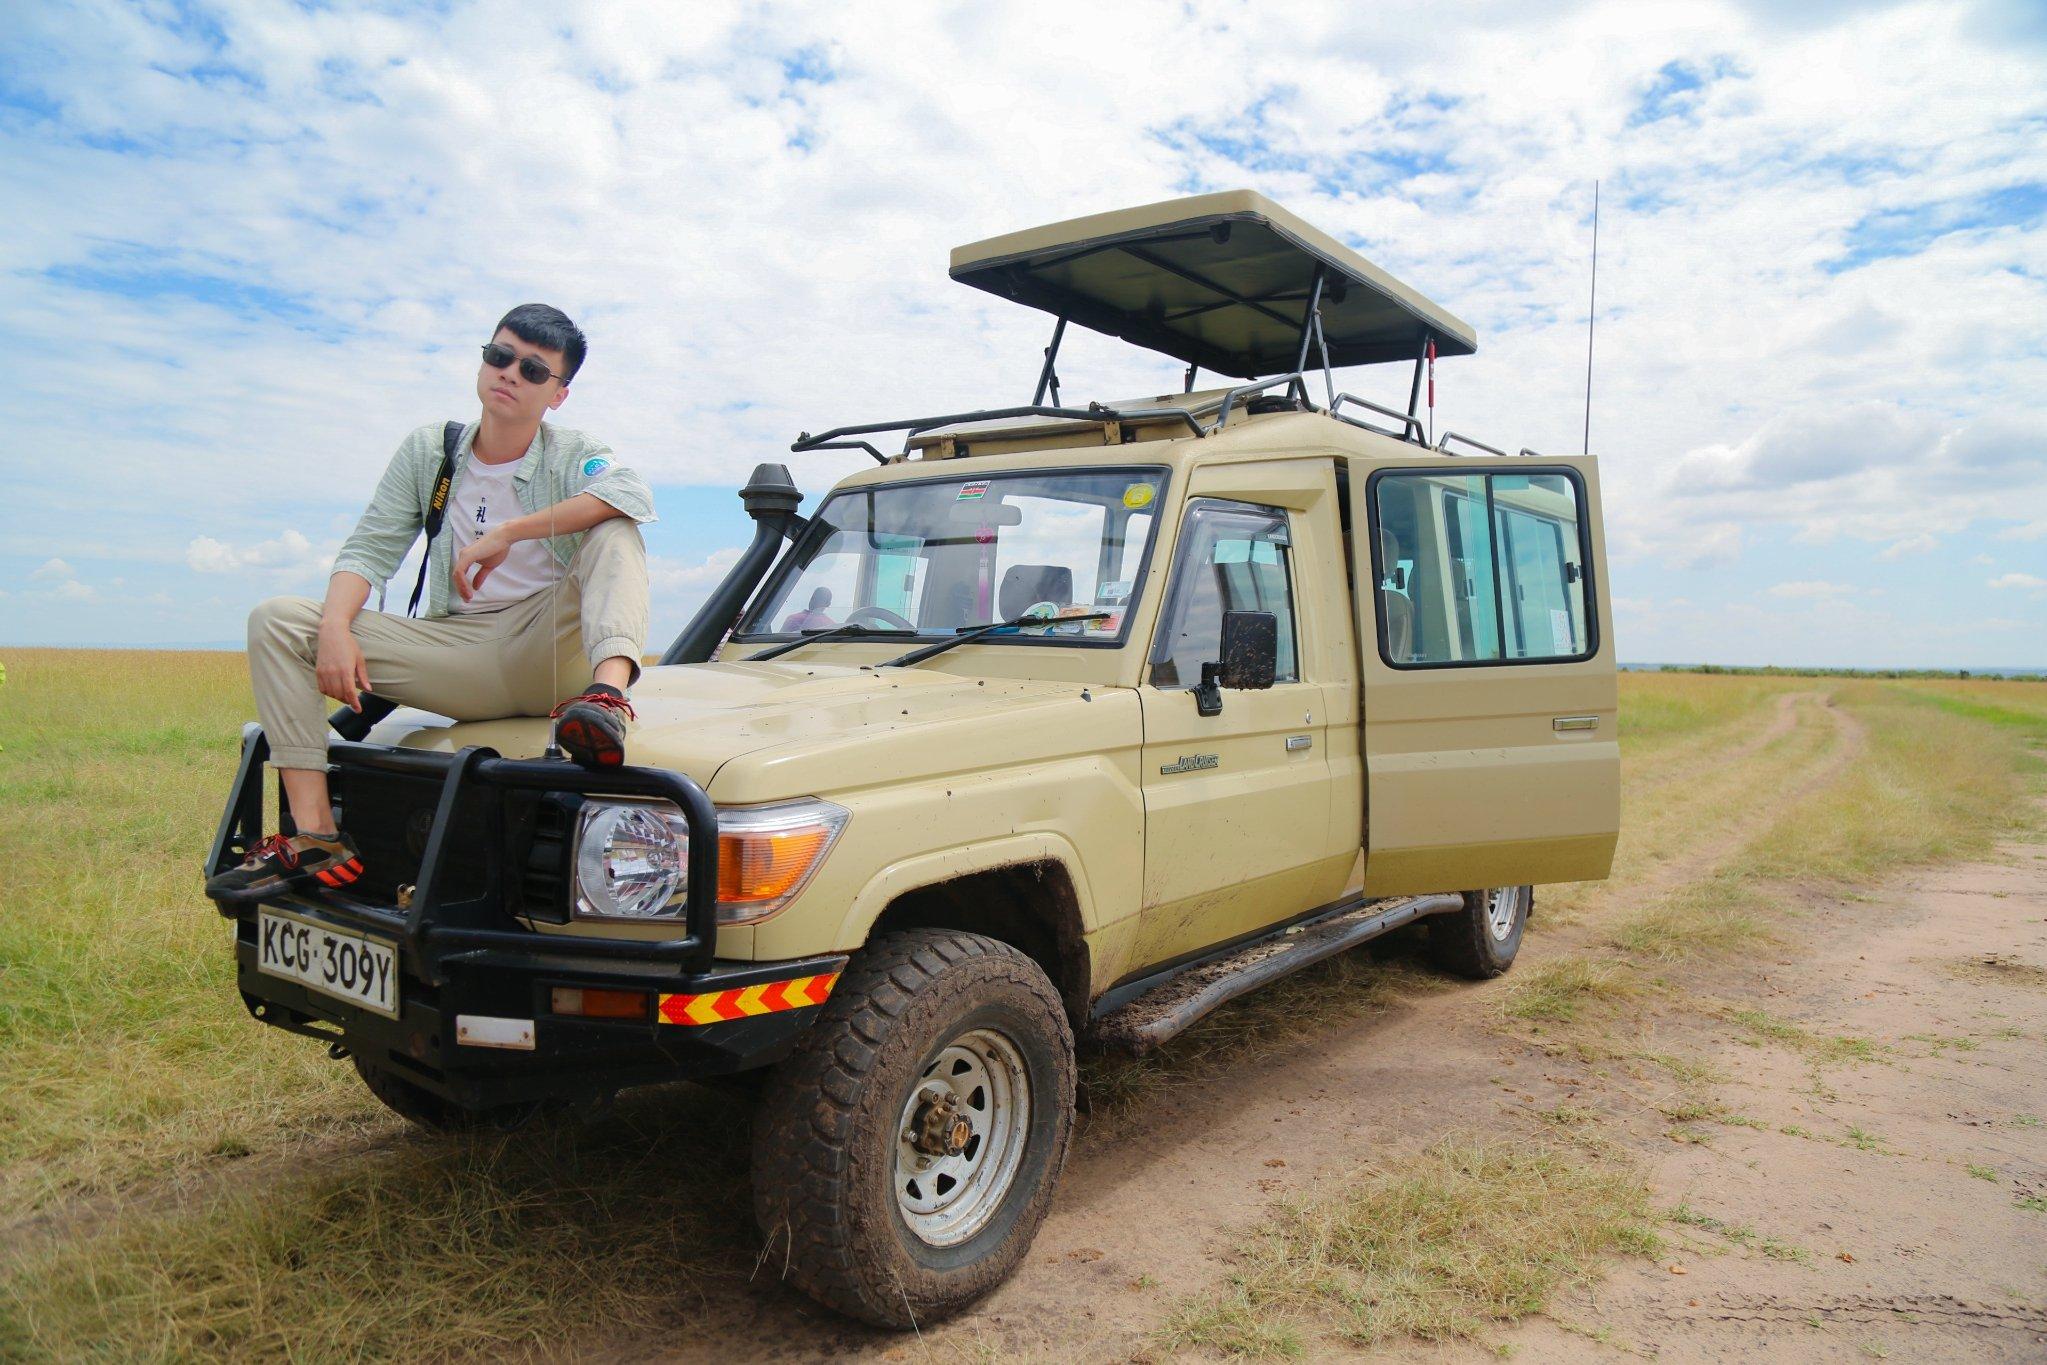 【毕业旅行】与动物来一场生死追逐,惊险、刺激、狂野肯尼亚Safari之旅